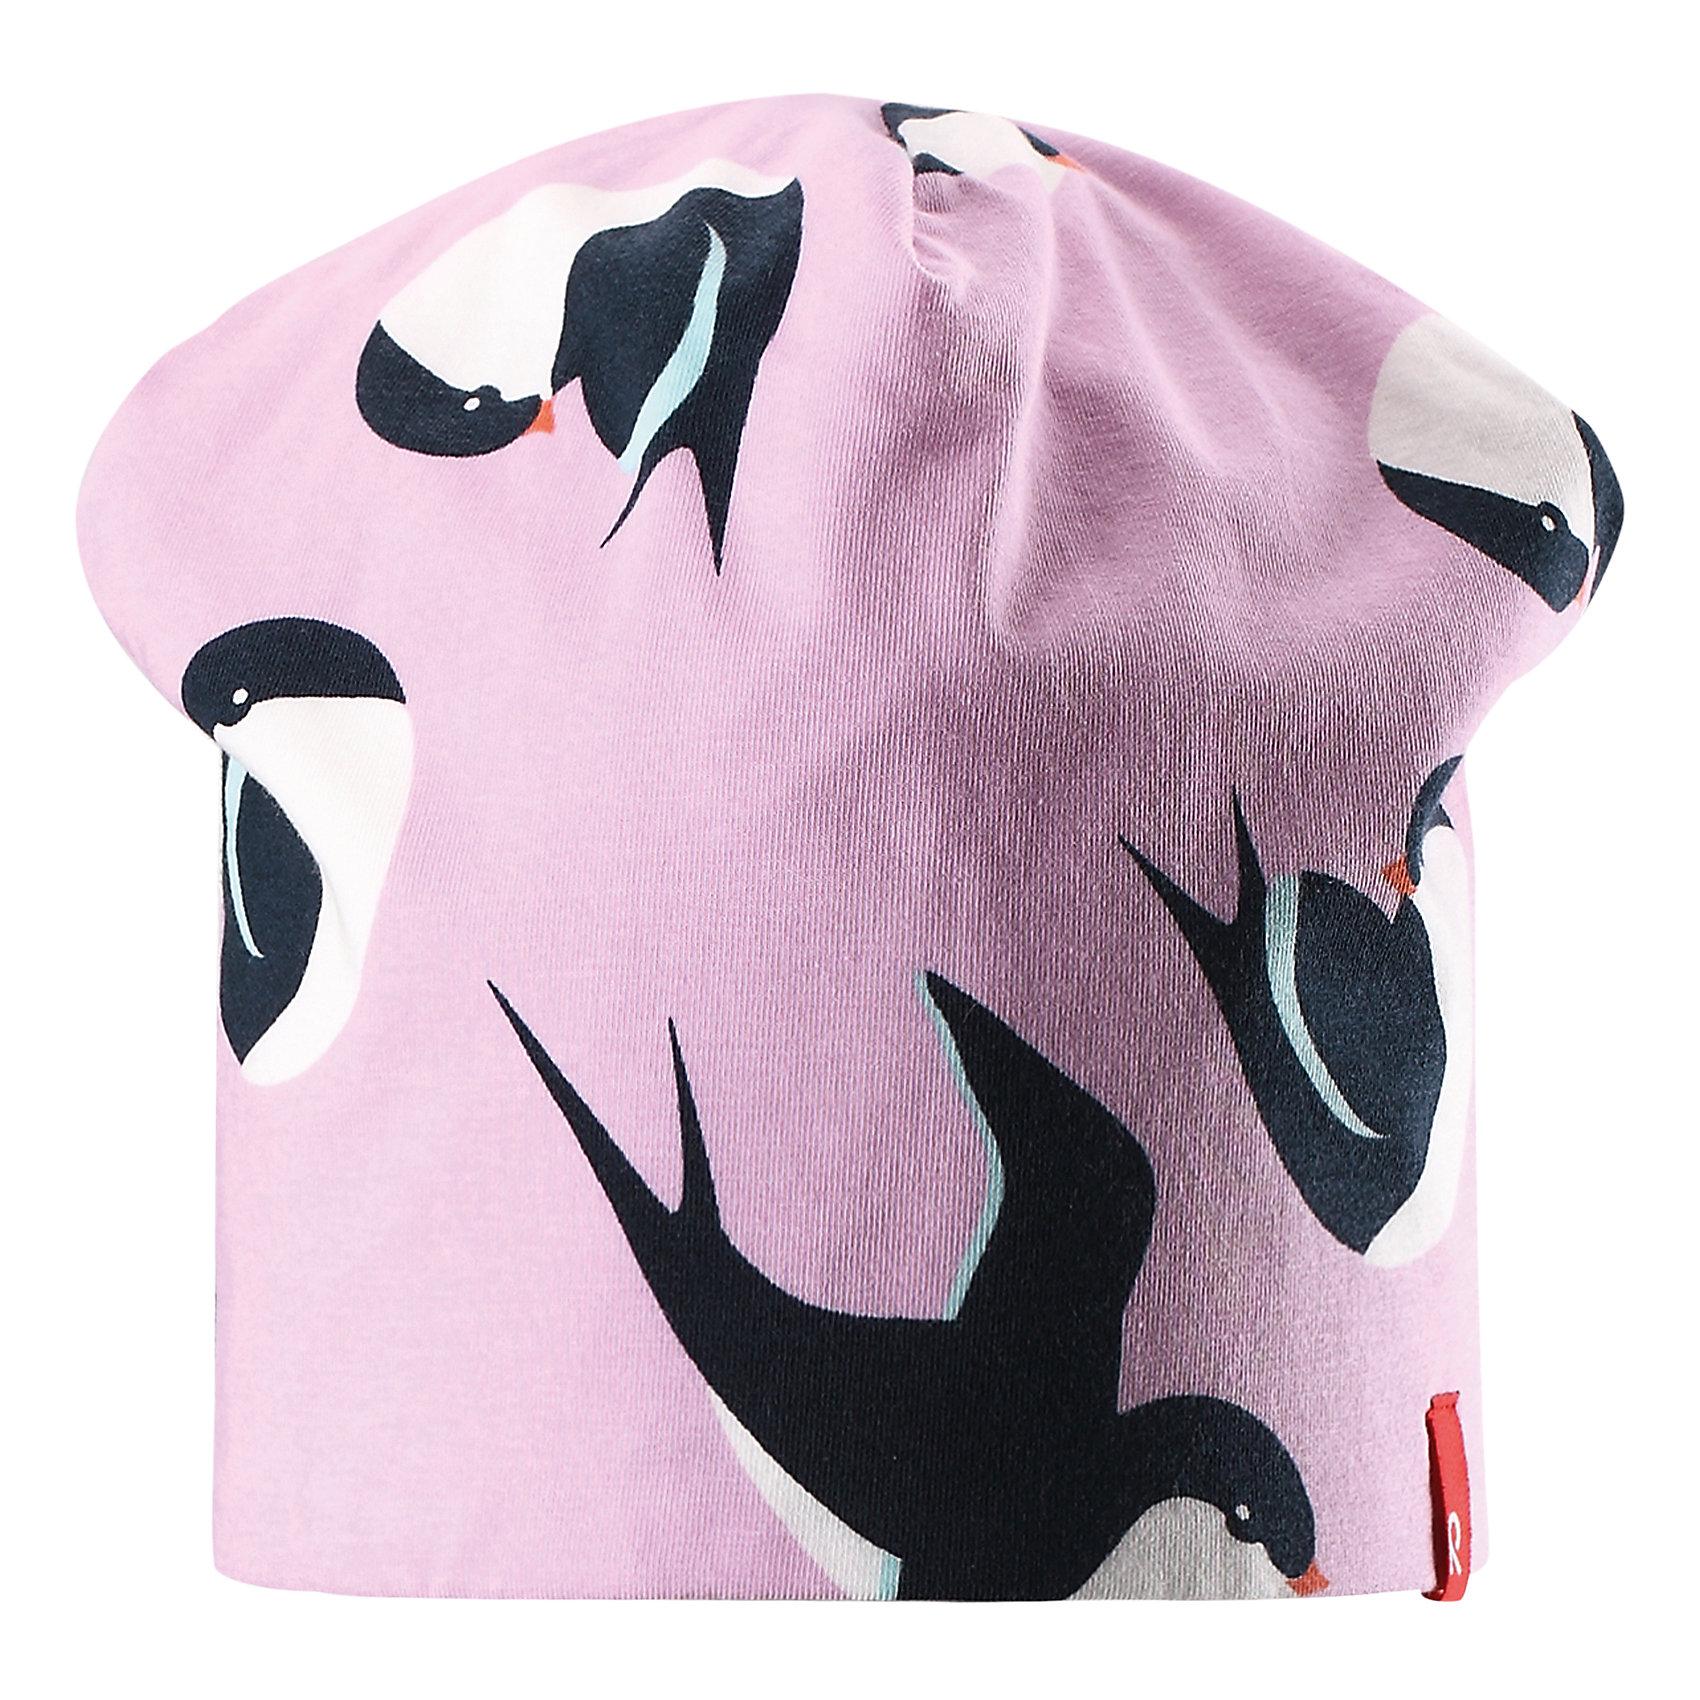 Шапка Karppi для девочки ReimaШапки и шарфы<br>Характеристики товара:<br><br>• цвет: розовый<br>• состав: 49% хлопок, 46% лиоцелл, 5% эластан<br>• сплошная подкладка: смесь хлопок-Tencel®<br>• температурный режим: от 0С до +10С<br>• фактор защиты от ультрафиолета: 40+<br>• двусторонняя модель<br>• смесь экологичного волокна Tencel® с органическми хлопком<br>• одна сторона - с принтом, вторая - однотонная<br>• эластичная модель<br>• шелковистый на ощупь материал, прост в уходе<br>• эмблема Reima спереди<br>• страна бренда: Финляндия<br>• страна производства: Китай<br><br>Эта модель - двусторонняя: вывернув её, получаем еще одну шапку другой расцветки! Детский головной убор может быть модным и удобным одновременно! Стильная легкая шапка поможет обеспечить ребенку комфорт и дополнить наряд. Шапка удобно сидит и аккуратно выглядит. Проста в уходе, долго служит. Стильный дизайн разрабатывался специально для детей. Отличная защита от дождя и ветра!<br><br>Уход:<br><br>• стирать и гладить, вывернув наизнанку<br>• стирать с бельем одинакового цвета<br>• стирать моющим средством, не содержащим отбеливающие вещества<br>• полоскать без специального средства<br>• придать первоначальную форму вo влажном виде.<br><br>Шапку от финского бренда Reima (Рейма) можно купить в нашем интернет-магазине.<br><br>Ширина мм: 89<br>Глубина мм: 117<br>Высота мм: 44<br>Вес г: 155<br>Цвет: розовый<br>Возраст от месяцев: 6<br>Возраст до месяцев: 9<br>Пол: Женский<br>Возраст: Детский<br>Размер: 46,54,50<br>SKU: 5270996